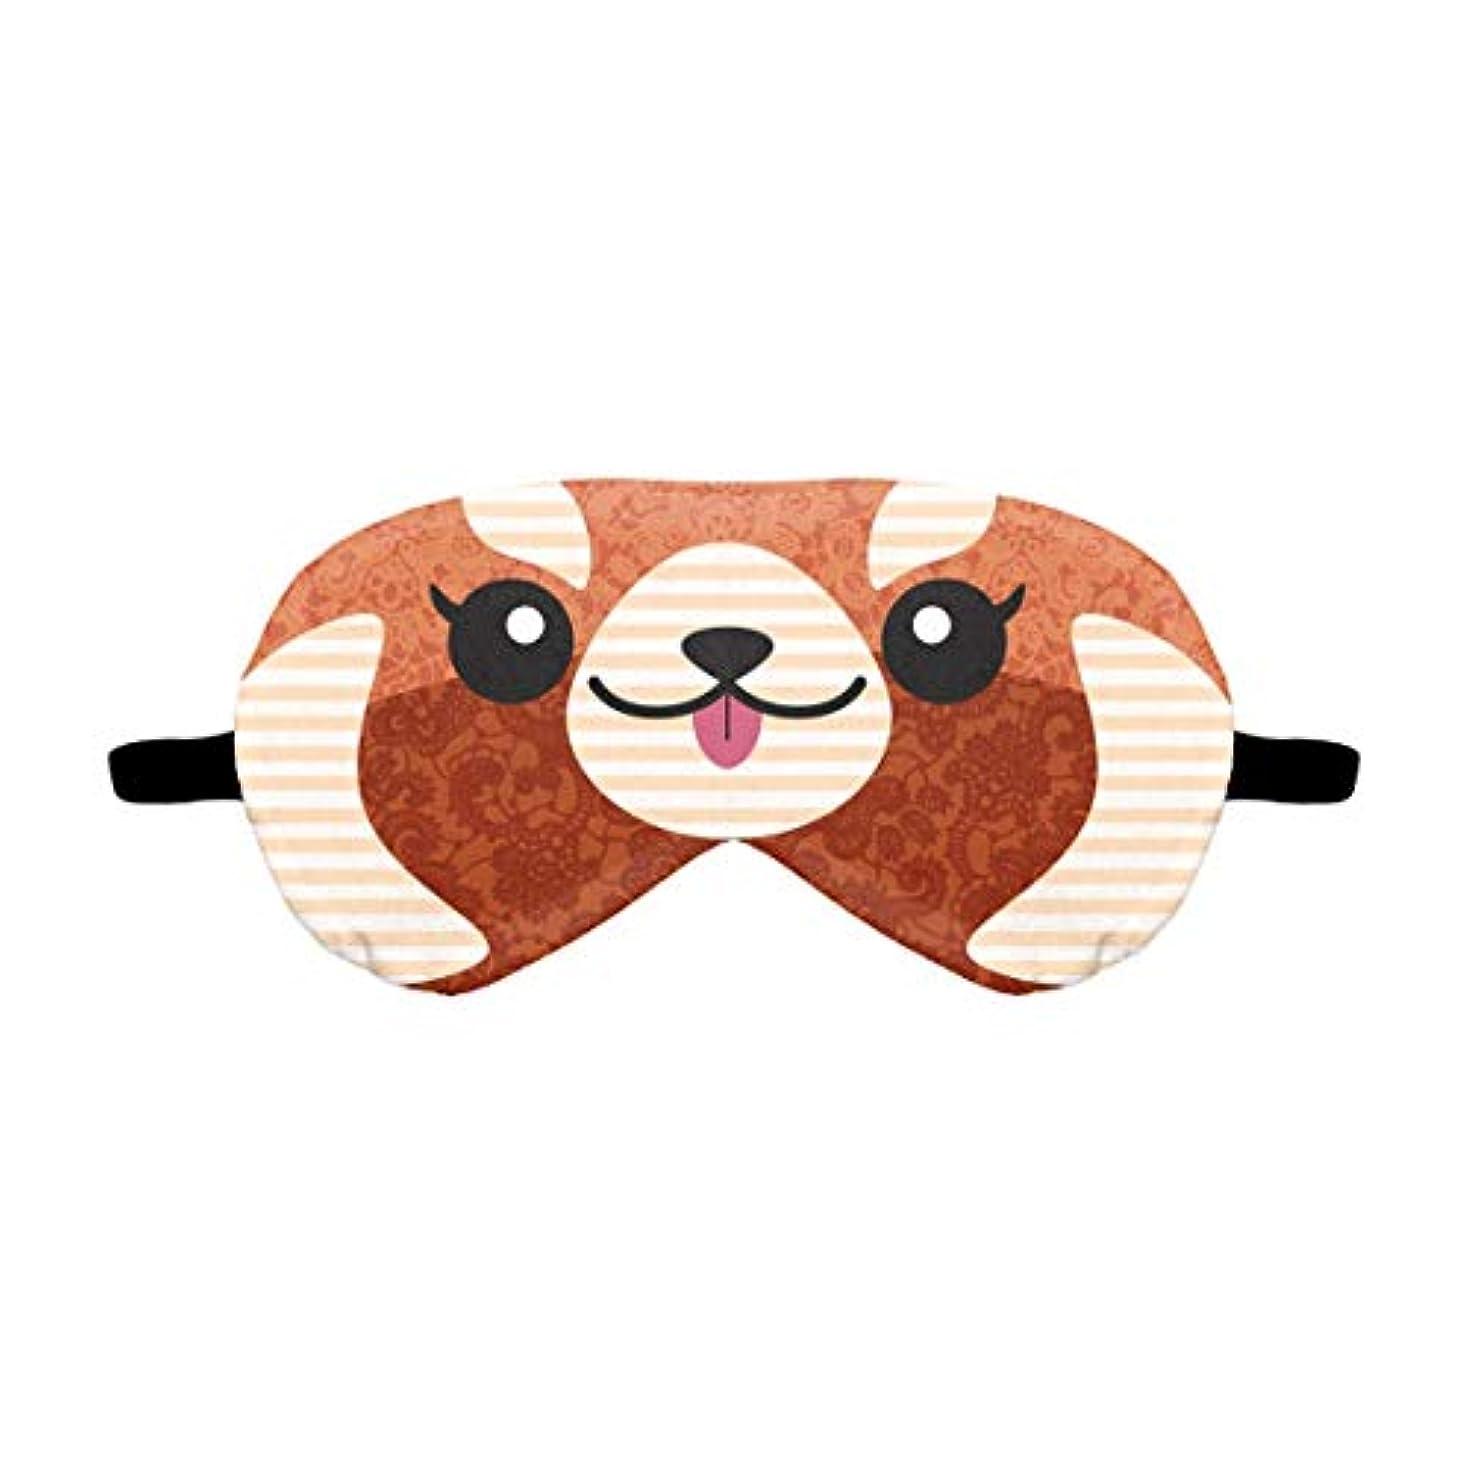 からに変化する能力ミッションIntercorey Panda Sleep Mask Sleeping Eye Mask Eyeshade Cover Shade Eye Patch Women Men Soft Portable Travel Eyepatch